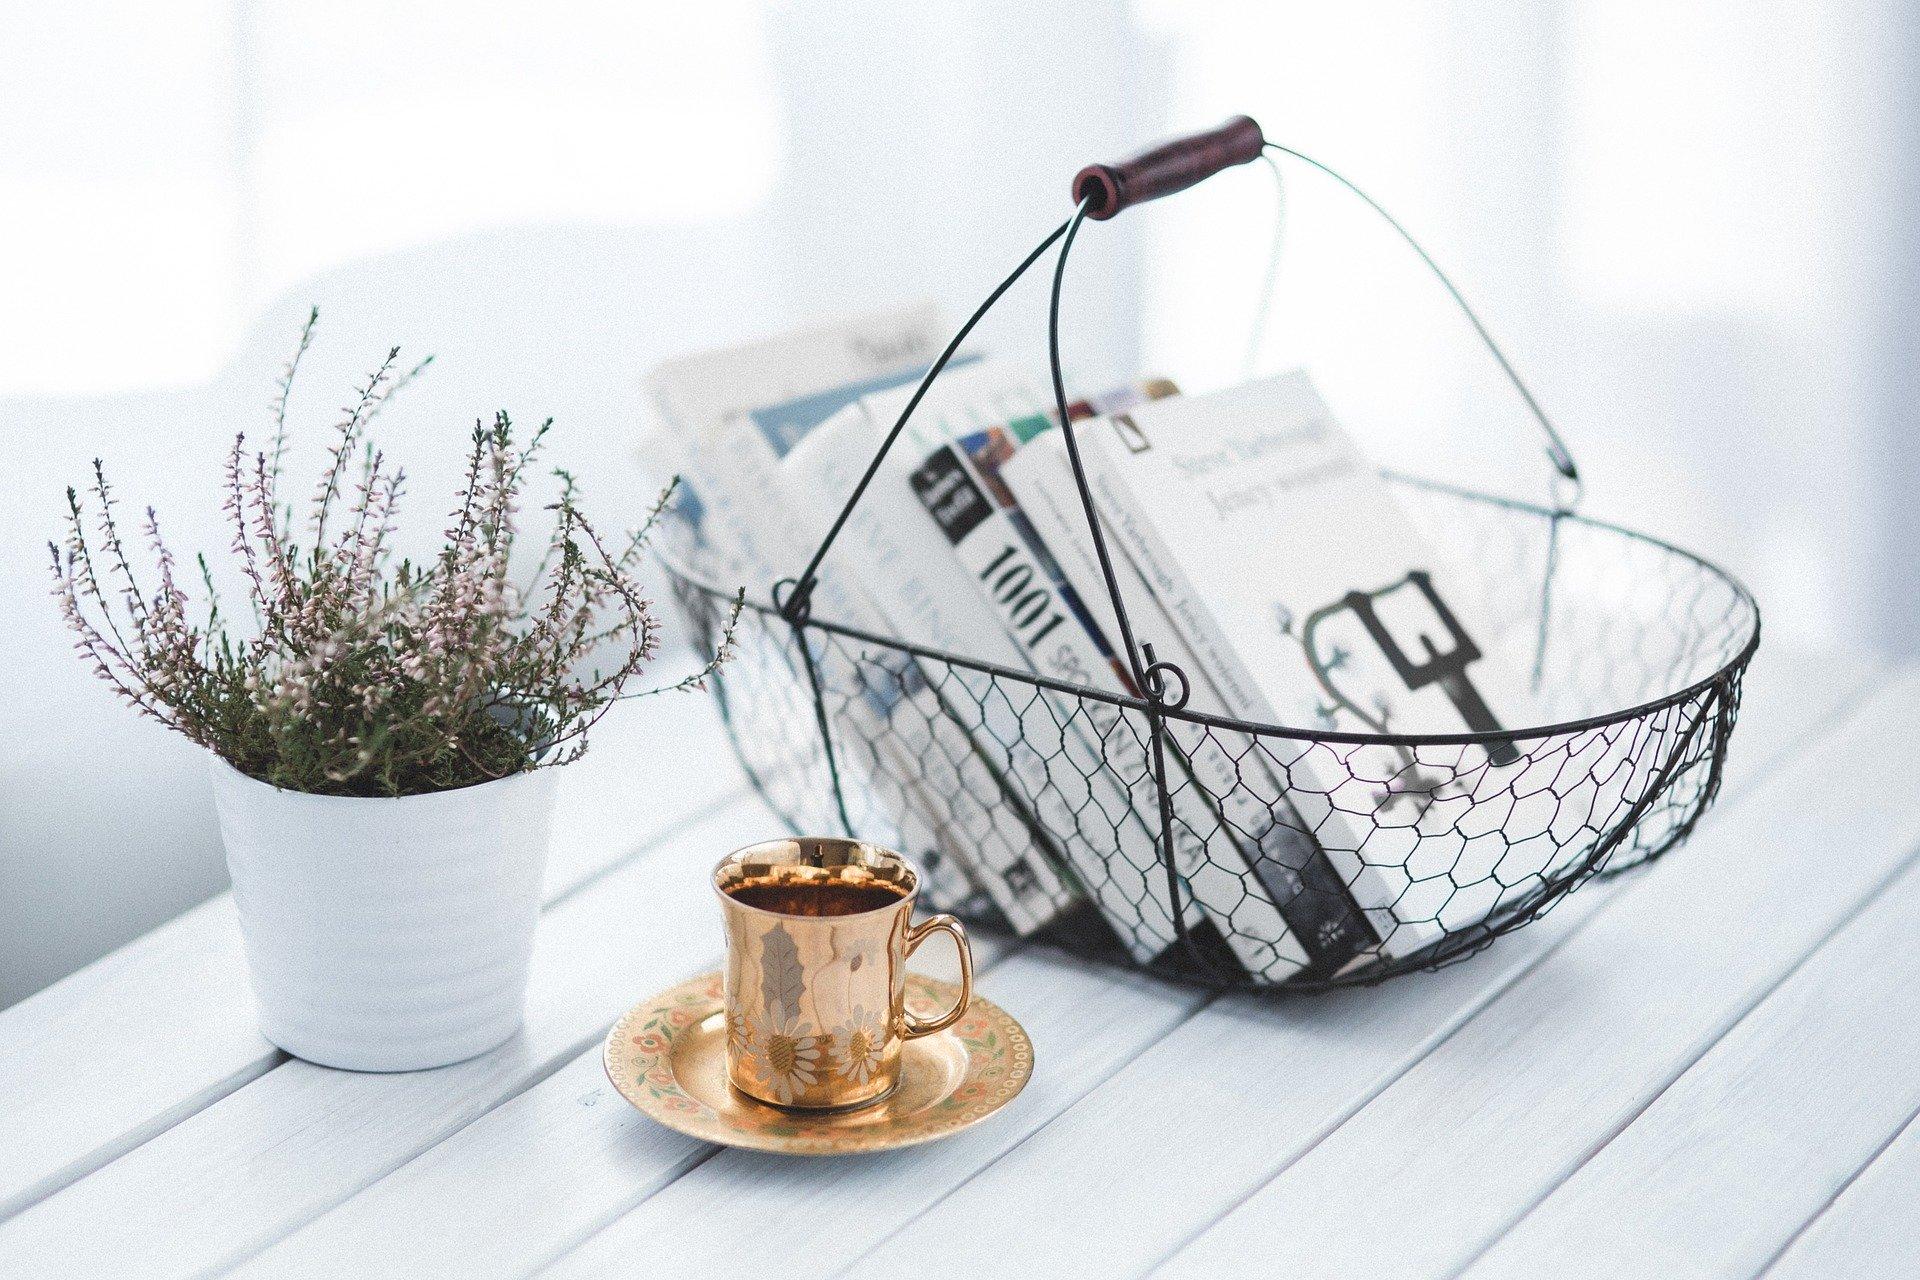 Bon Plan pou réduire le coût des meubles